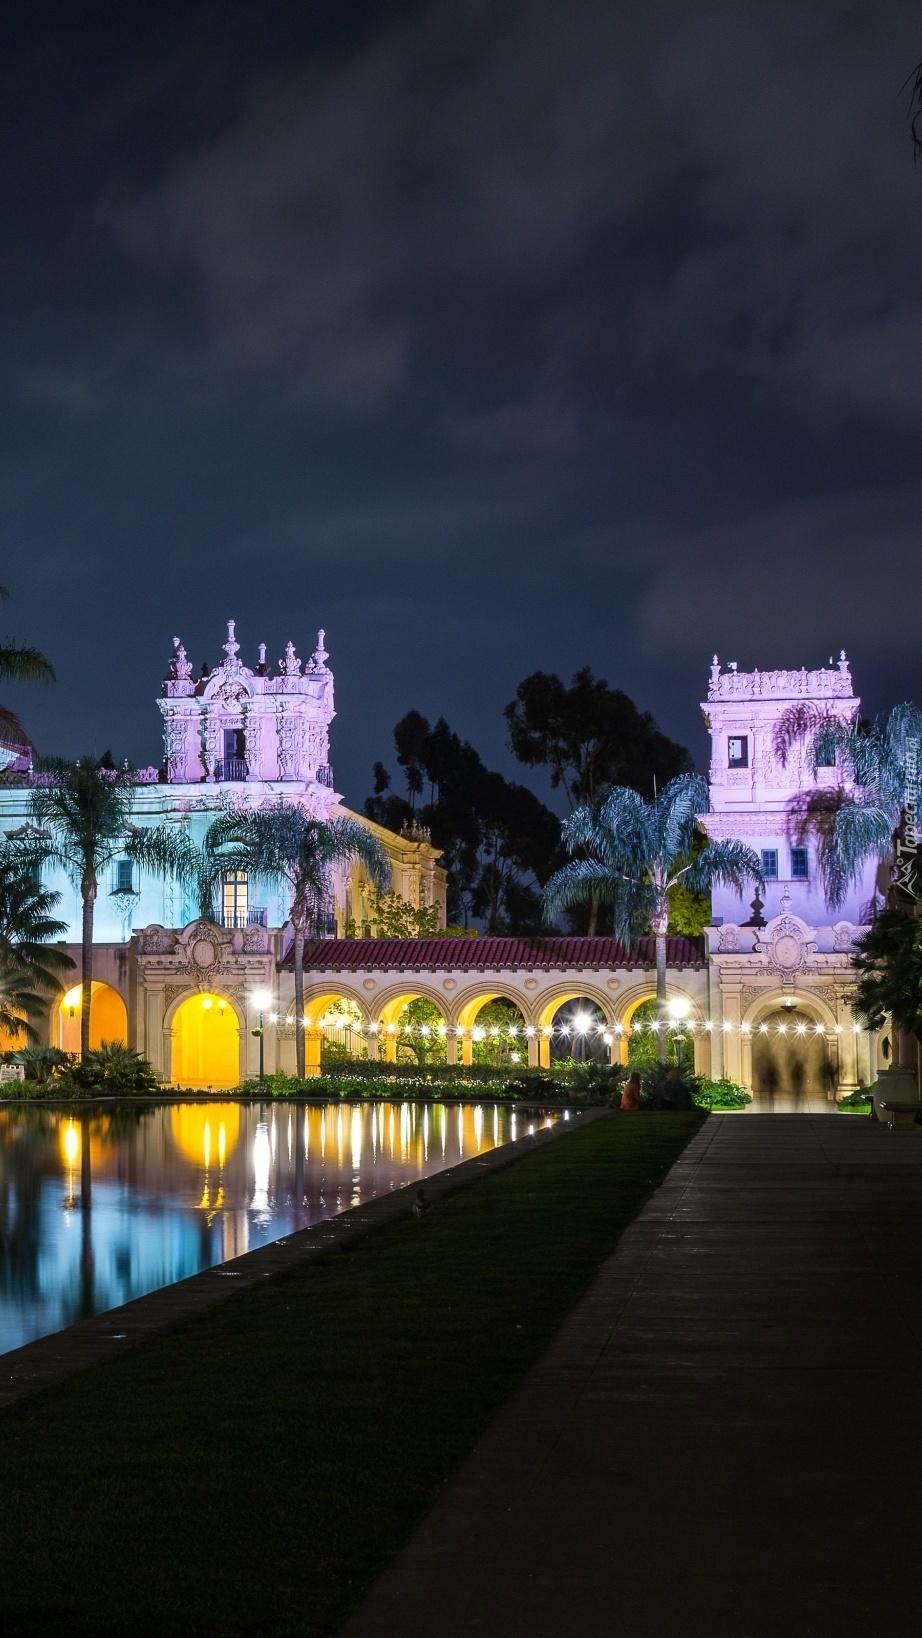 Park Balboa w San Diego